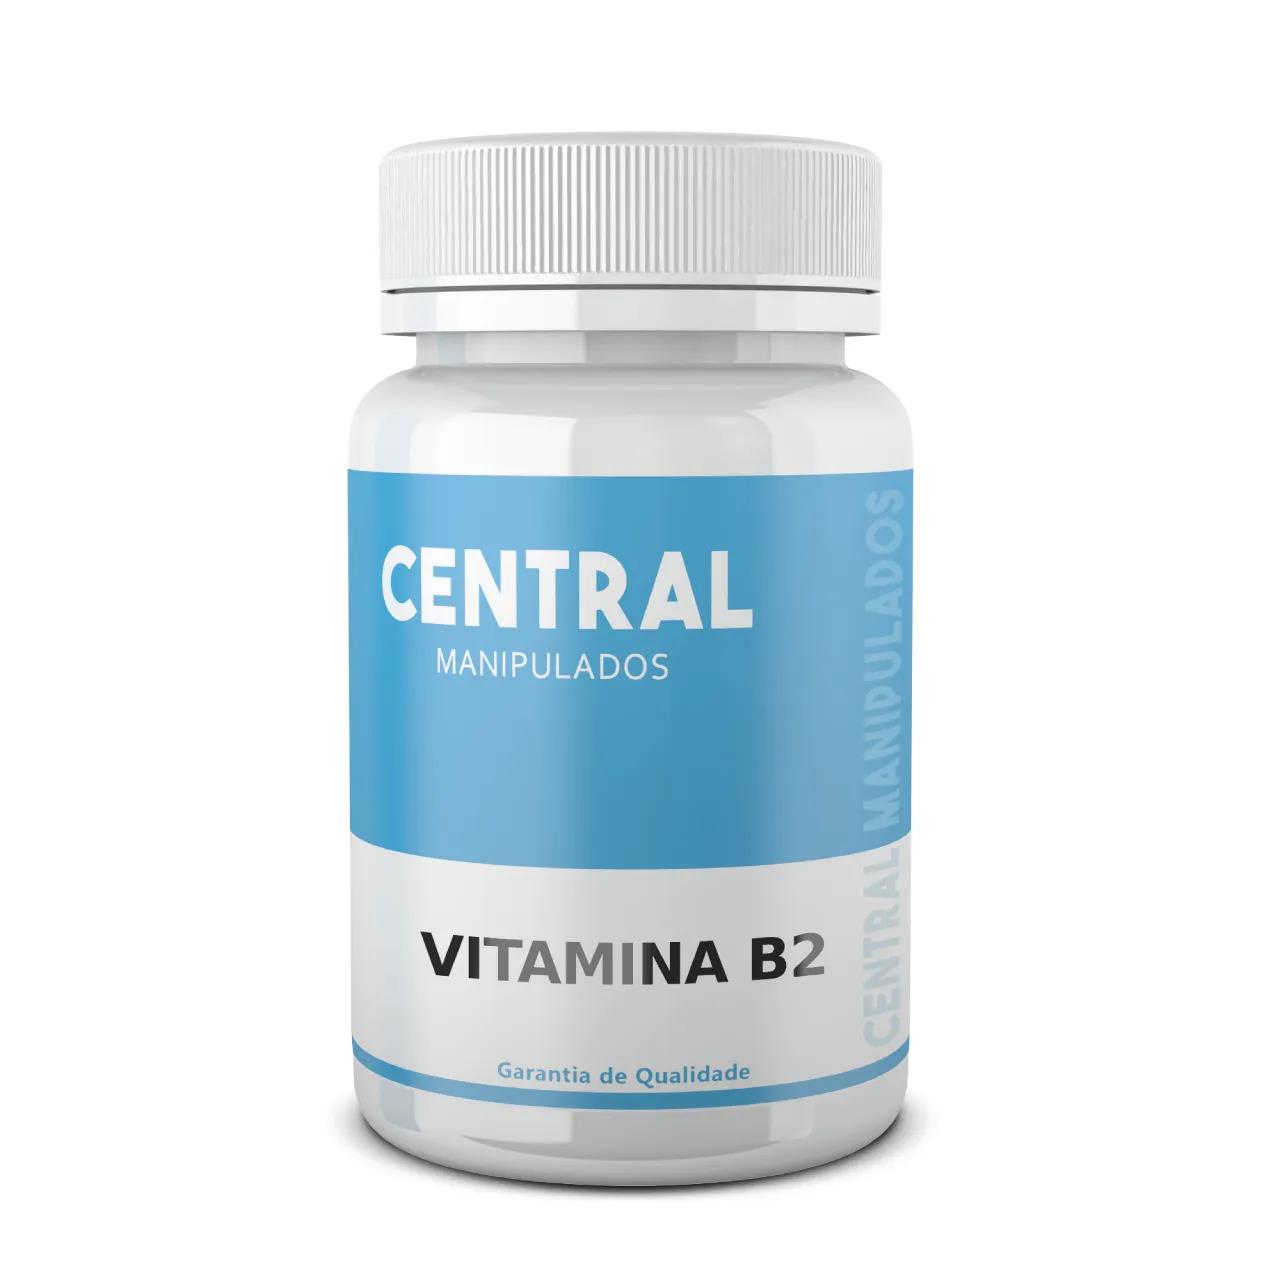 Vitamina B2 50mg - 180 cápsulas - Riboflavina